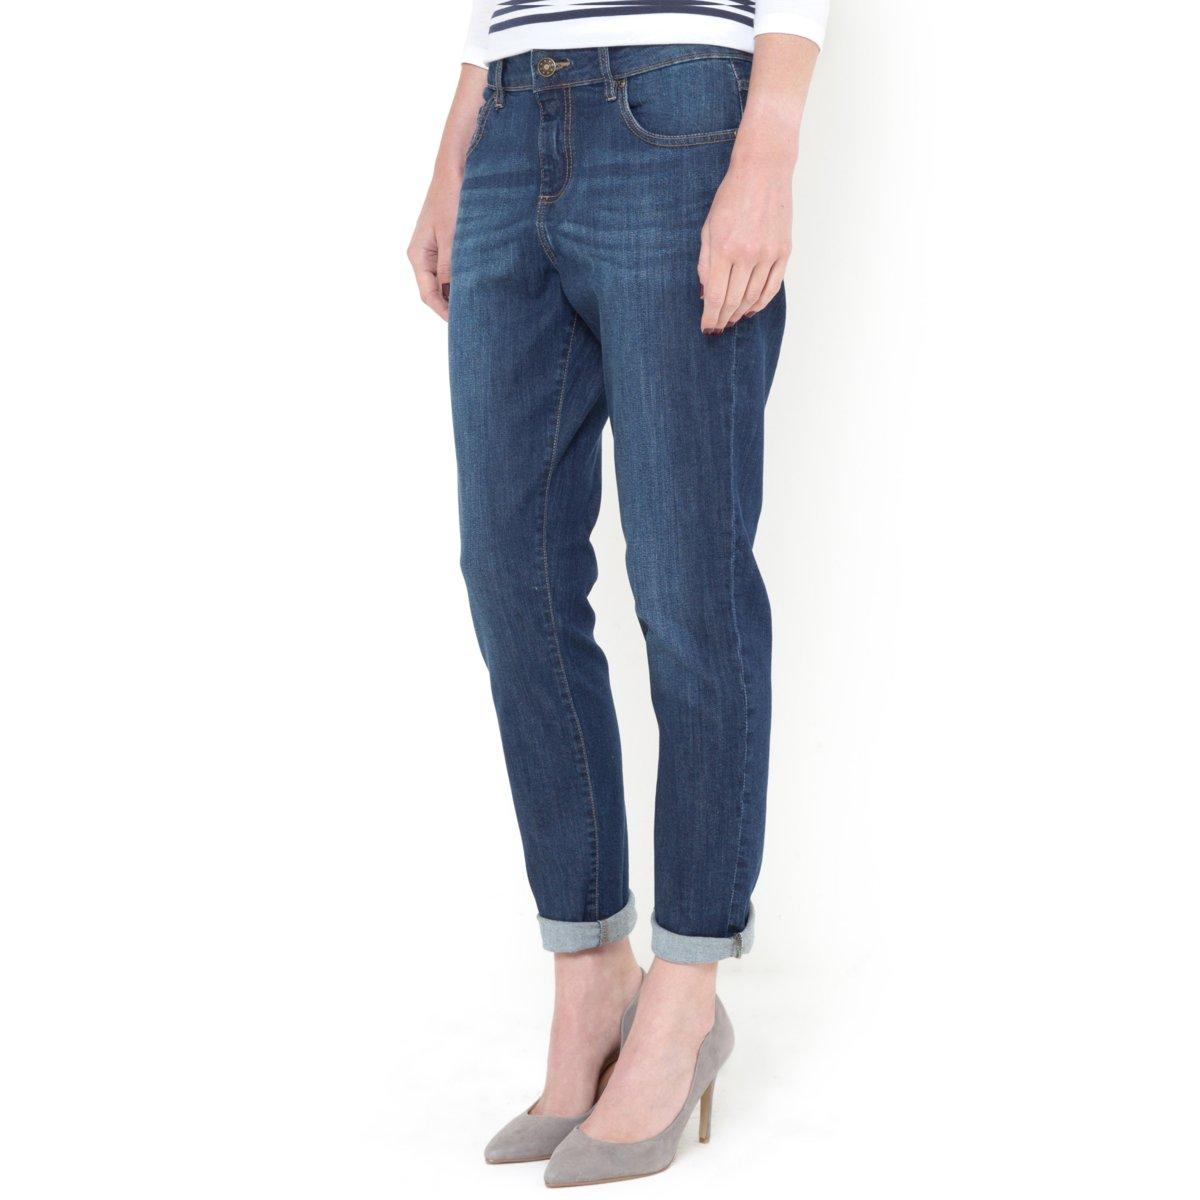 Jean-femme.biz, idéal pour trouver un modèle de jean